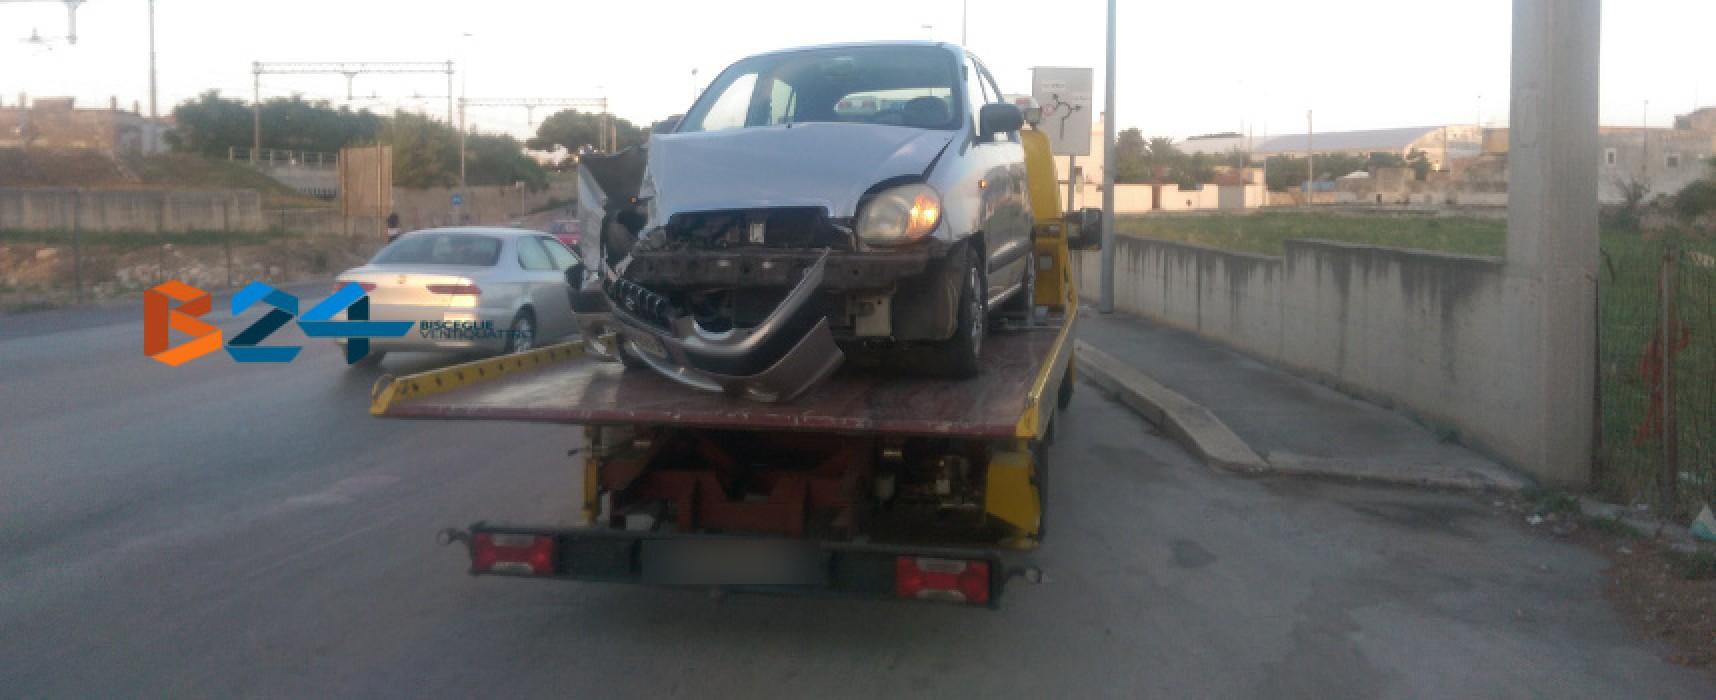 Si schianta violentemente contro il muro a bordo della sua auto: 8oenne al pronto soccorso / FOTO